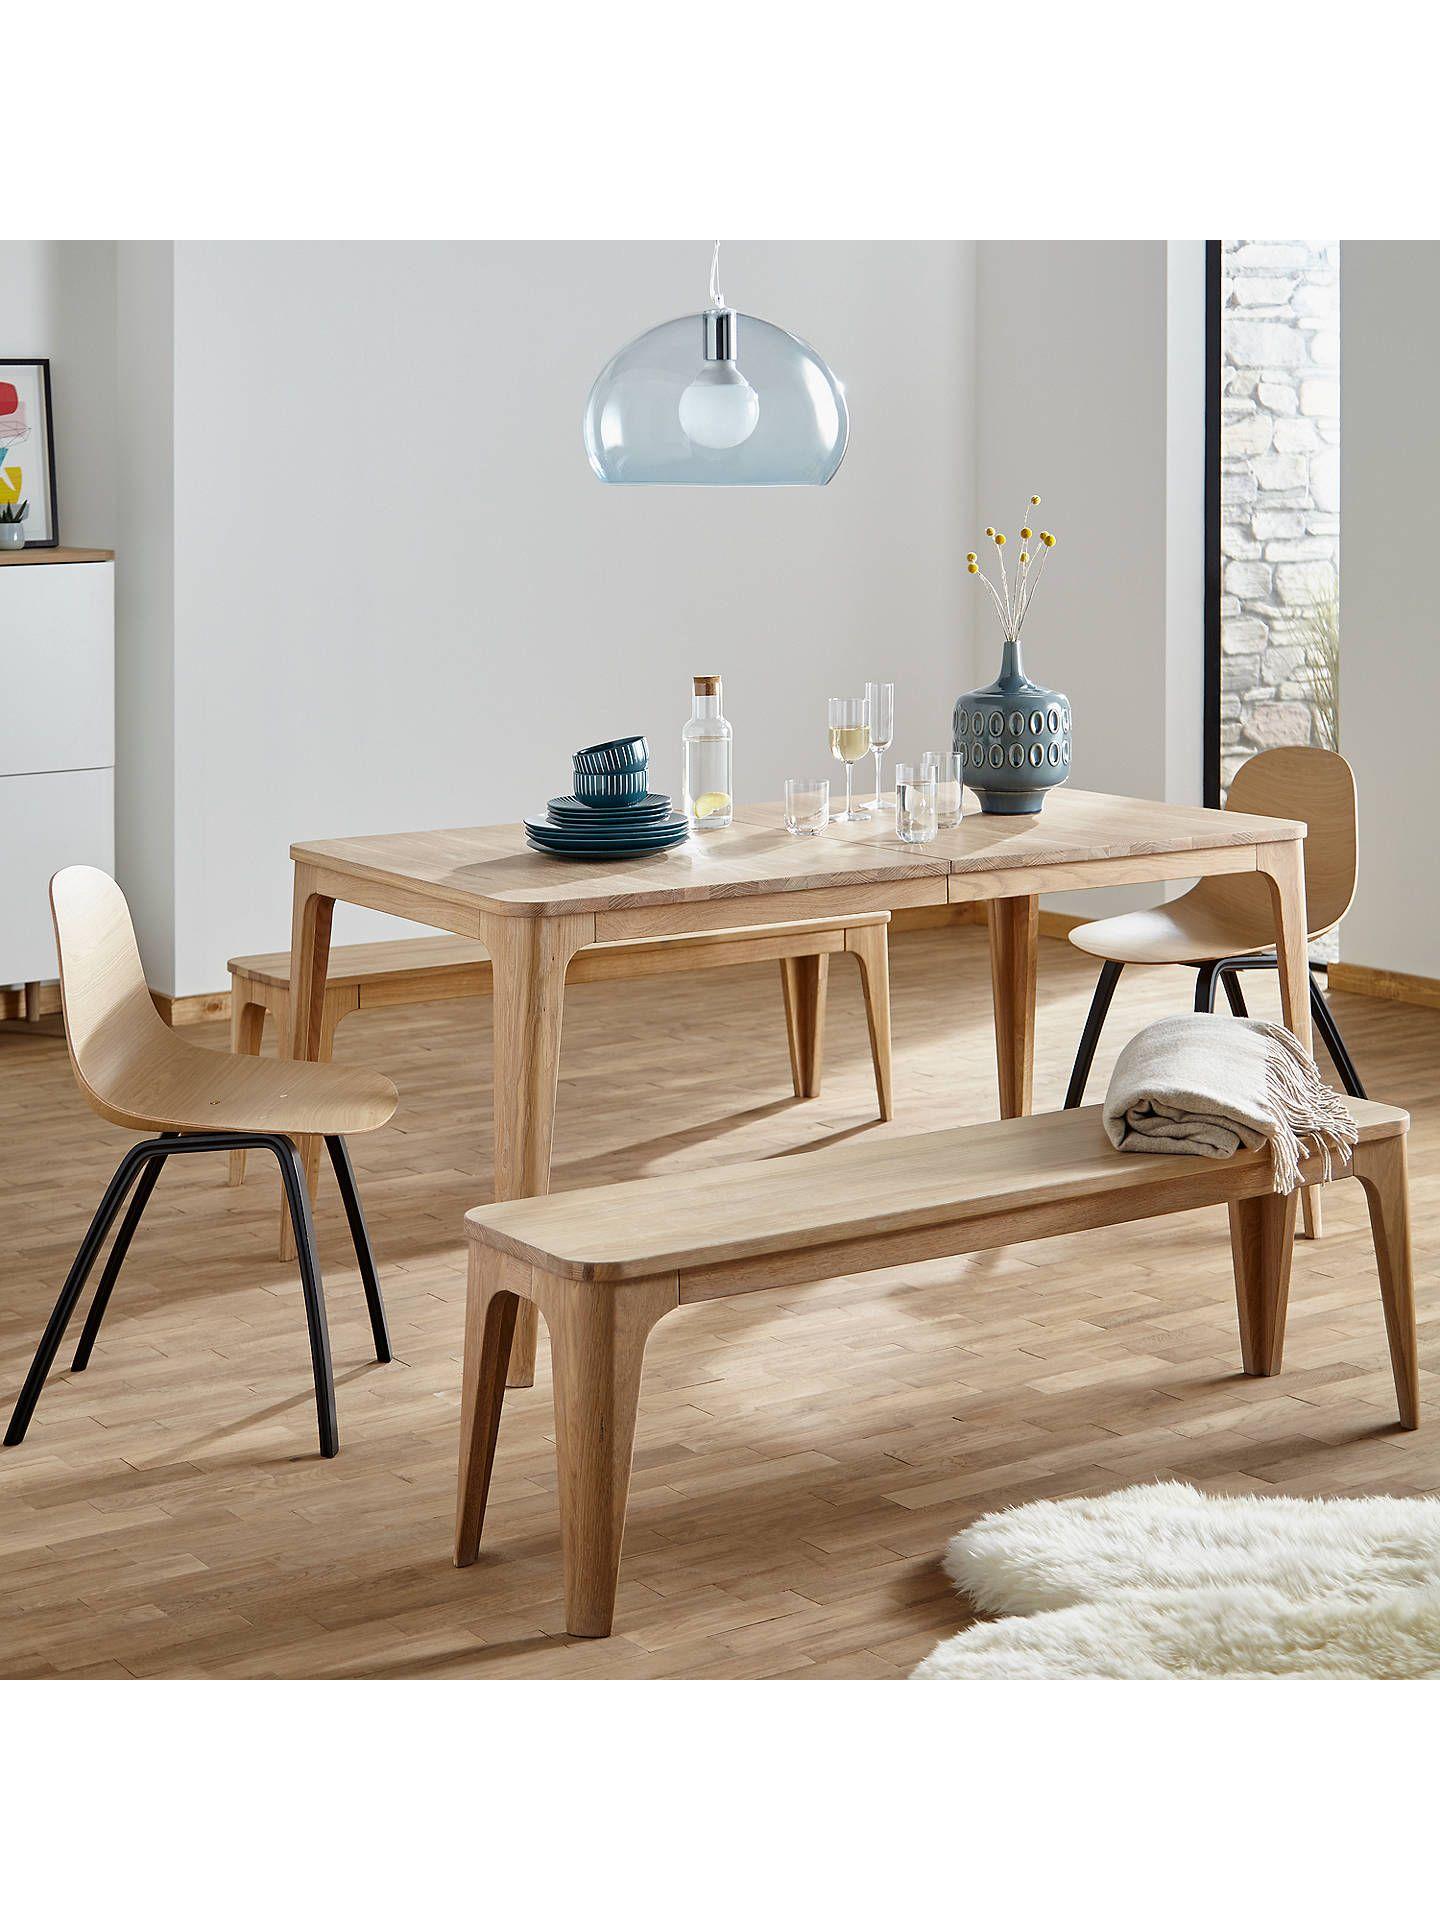 d5a777e8e8d9 BuyEbbe Gehl for John Lewis Mira 3-Seater Dining Bench, Oak Online at  johnlewis.com. Buy Oak Ebbe ...